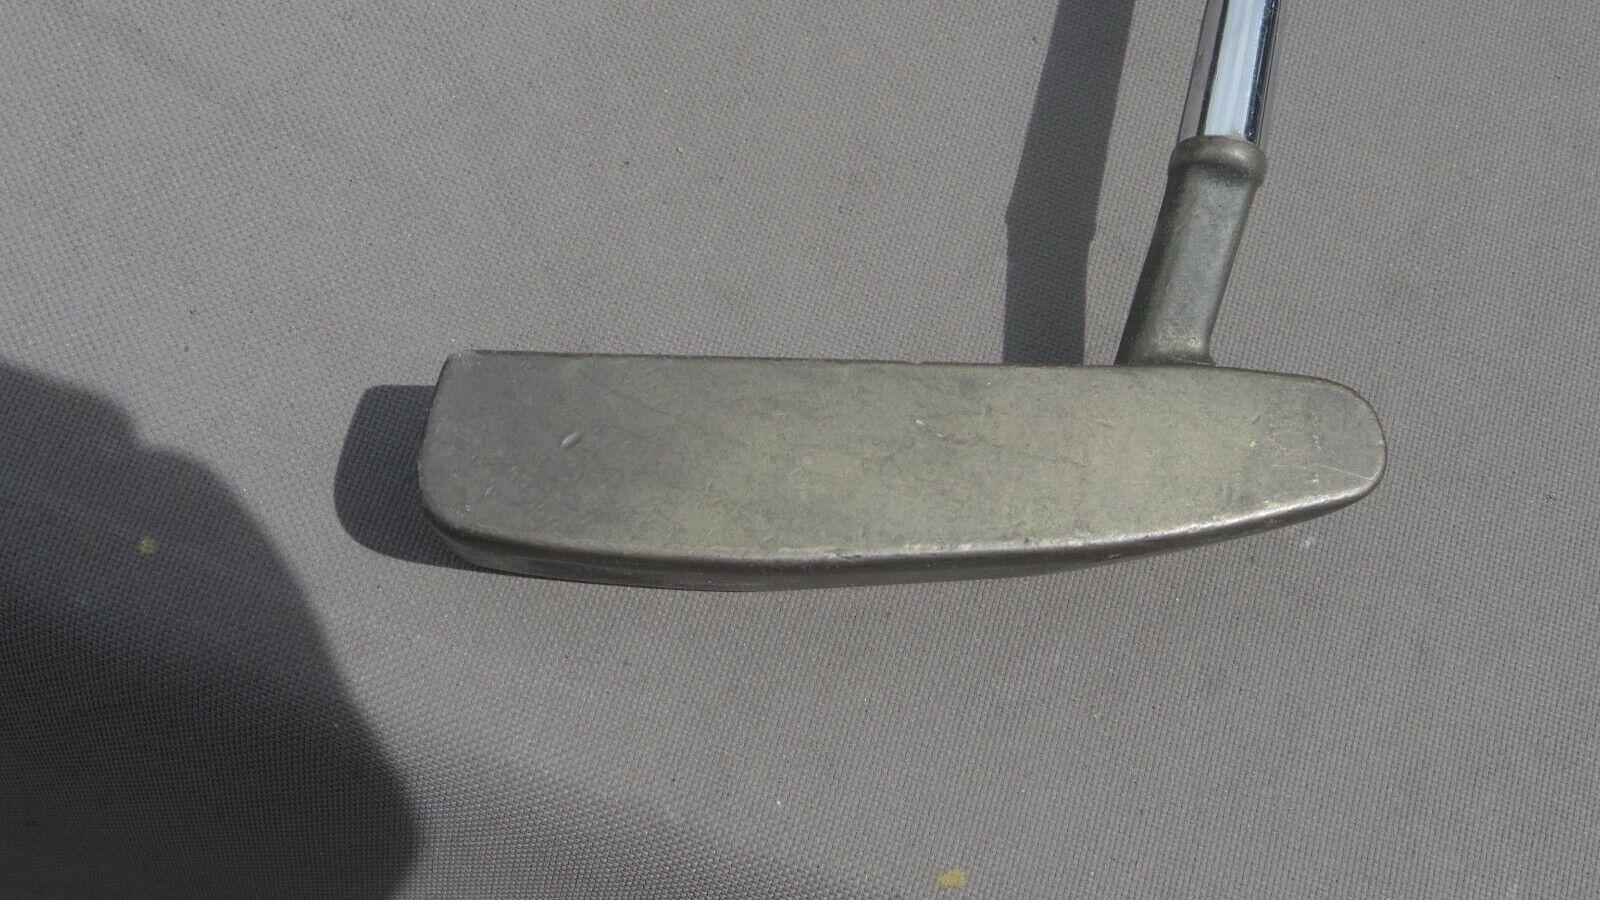 Vintage PING Zing Manganese Bronze Putter 8 10 RH 34.5